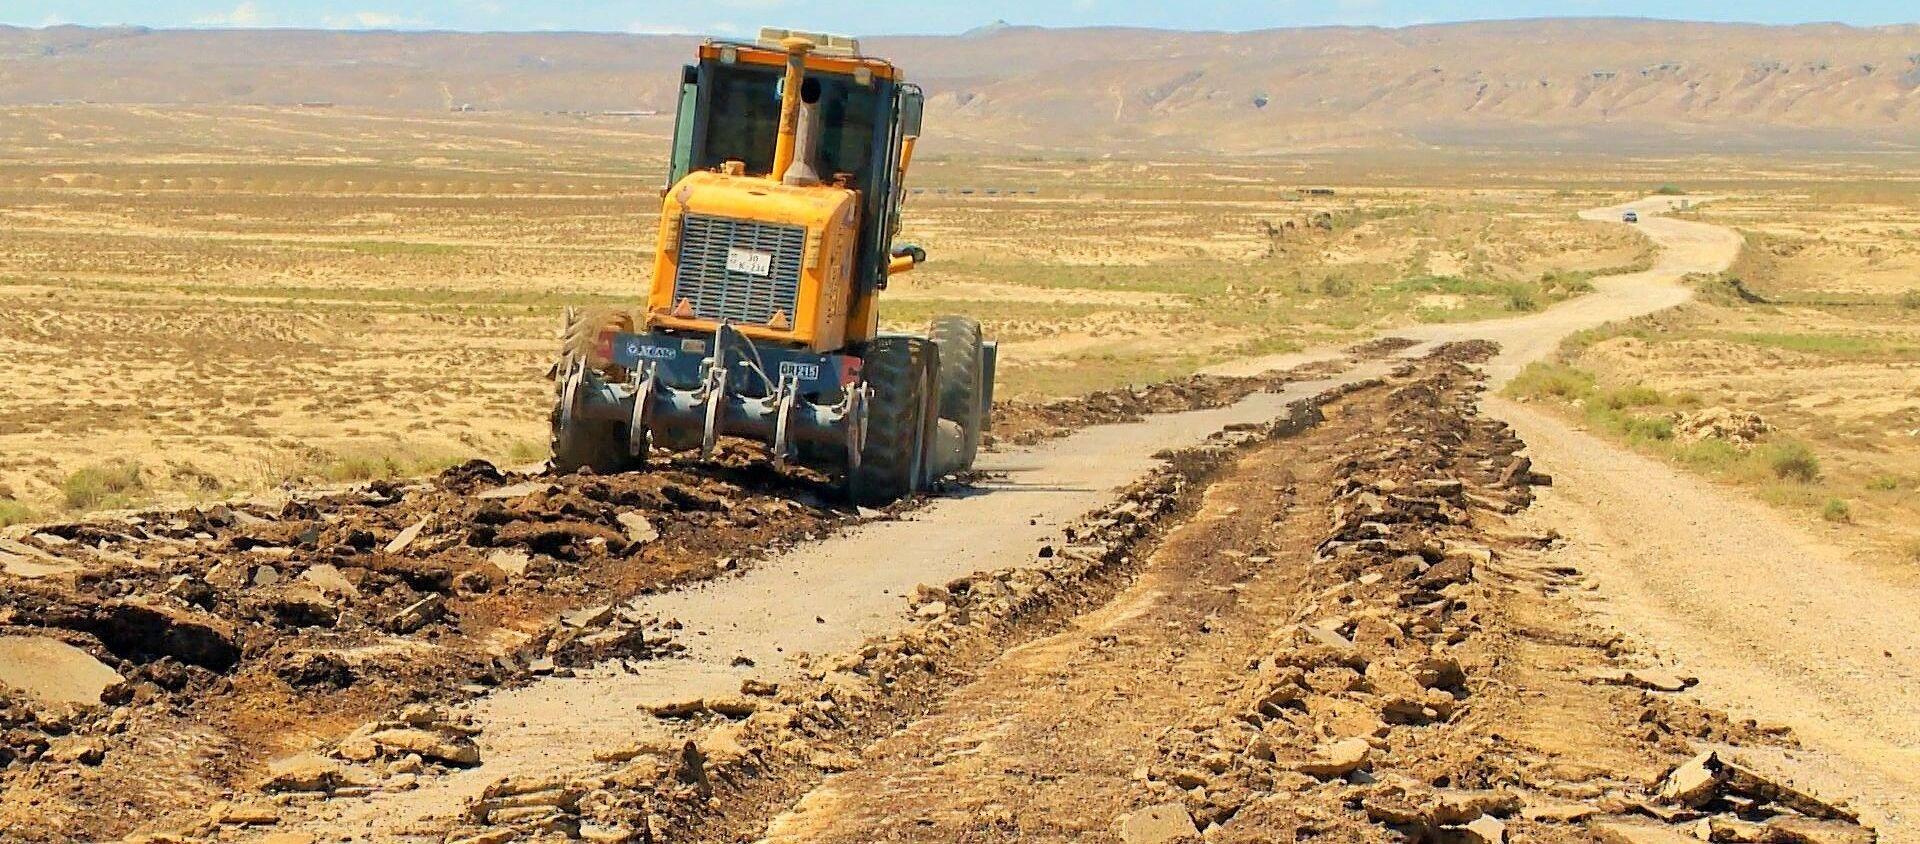 Строительство автодороги на территорию грязевых вулканов в Абшеронском районе - Sputnik Азербайджан, 1920, 03.04.2021